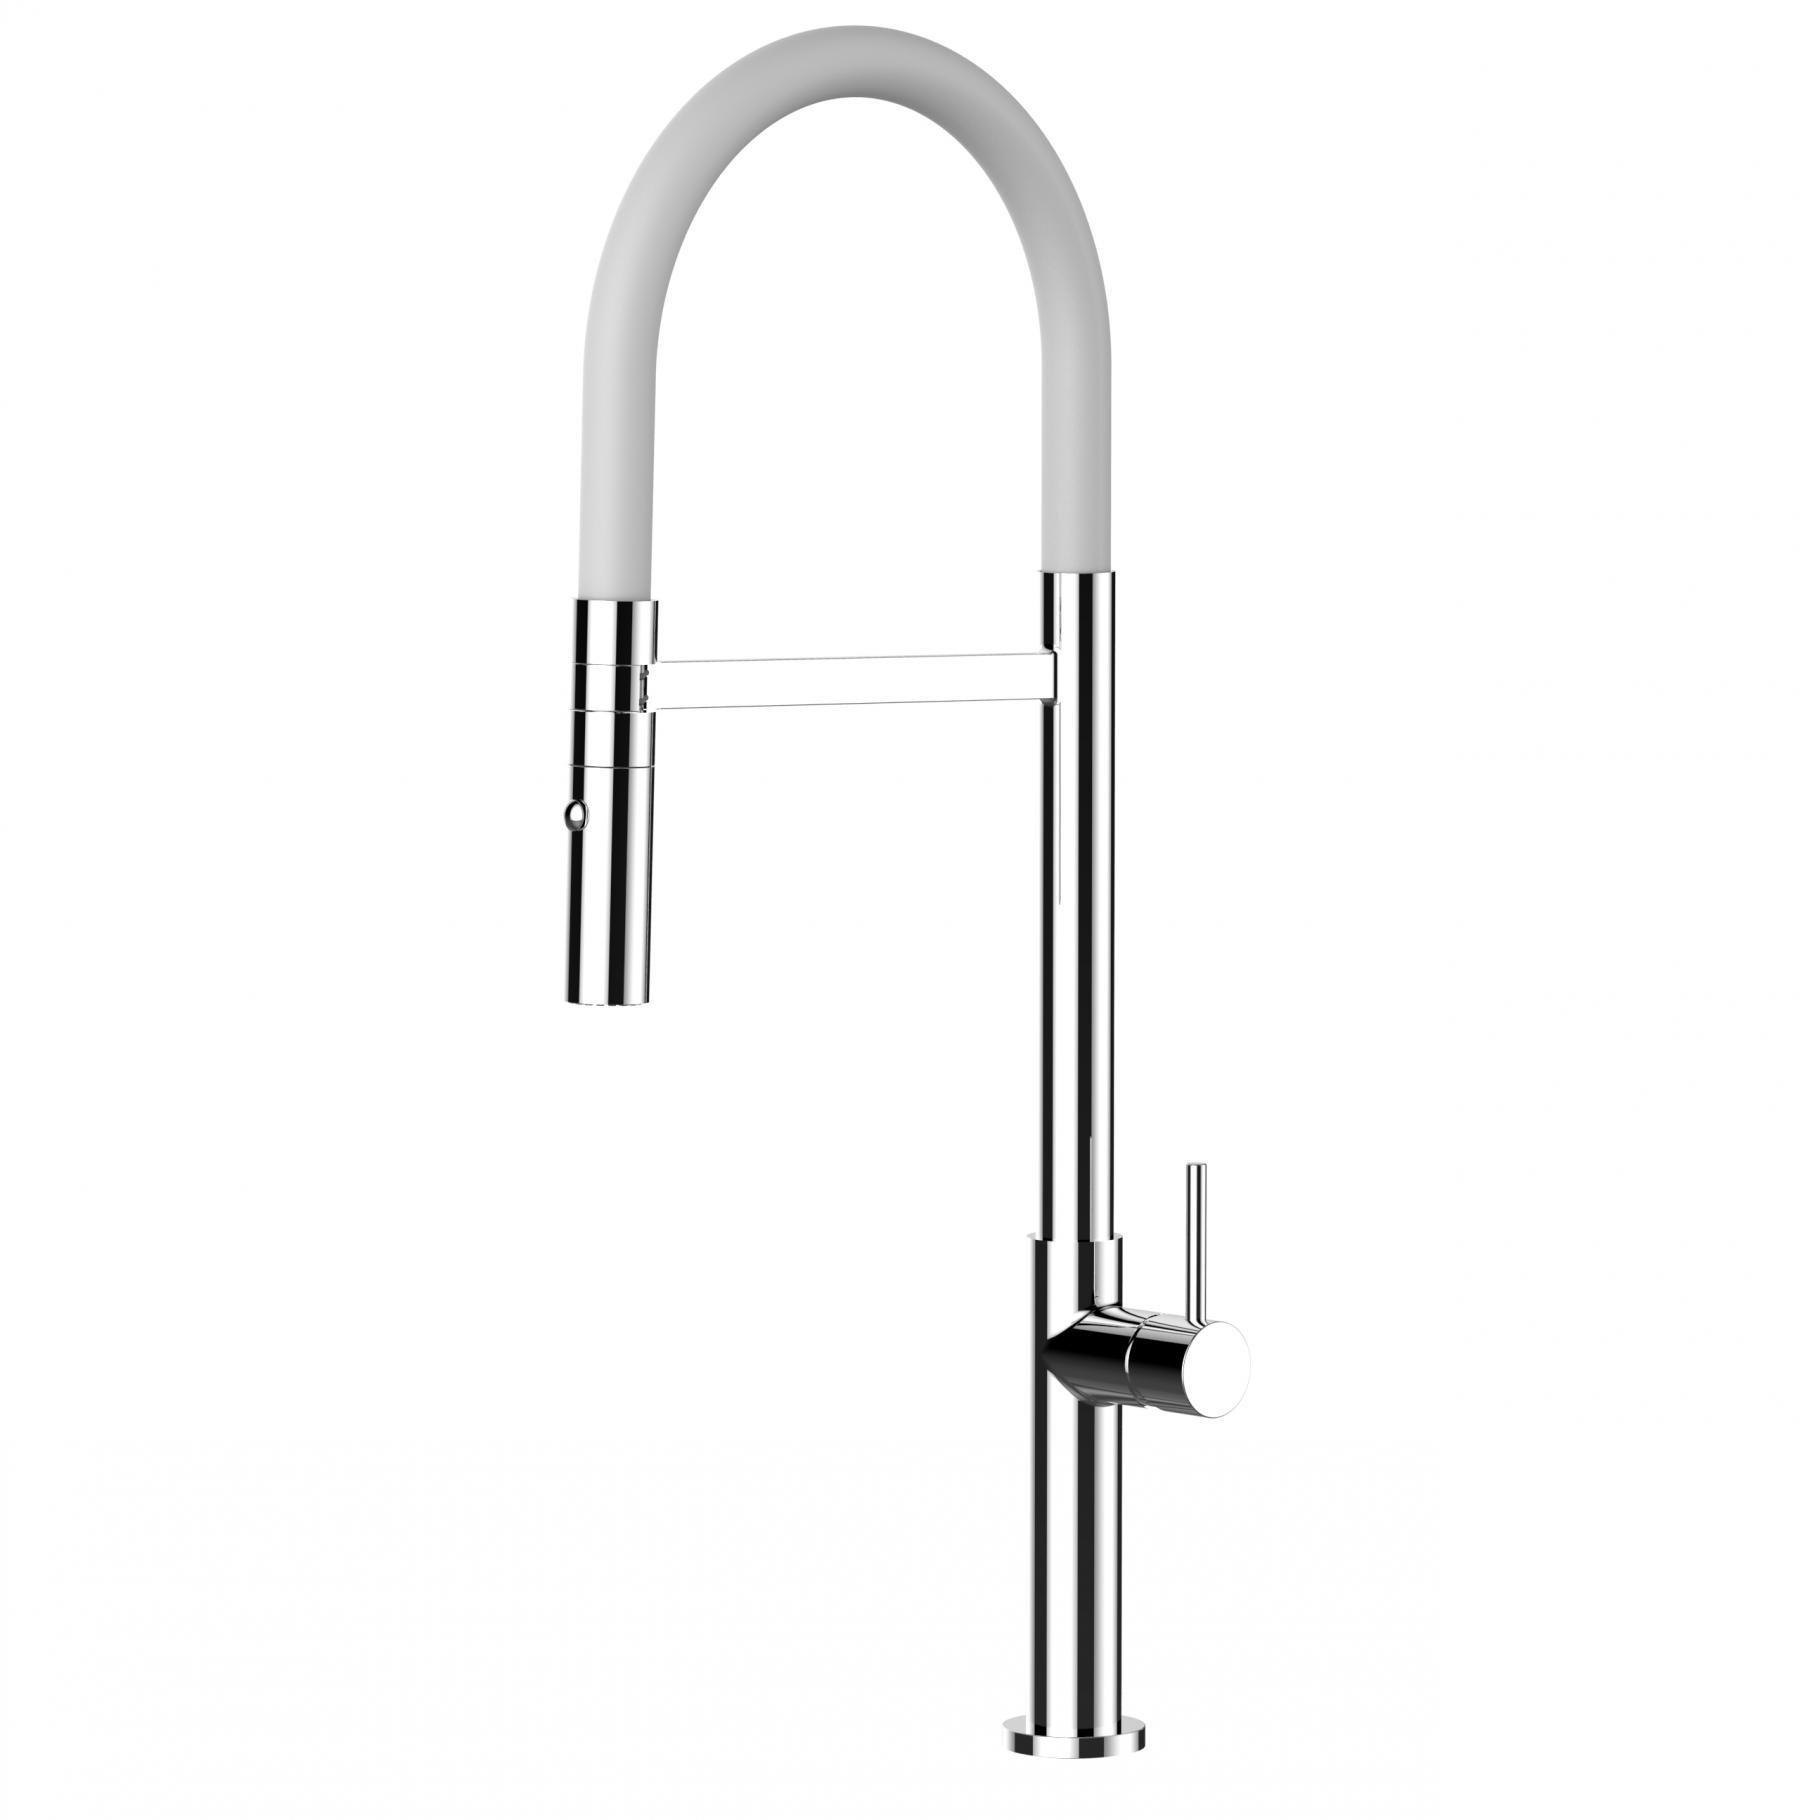 Full Size of Küche Wasserhahn Heißes Wasser Küche Wasserhahn Ausbauen Küche Wasserhahn Austauschen Schlauchanschluss Für Küche Wasserhahn Küche Küche Wasserhahn